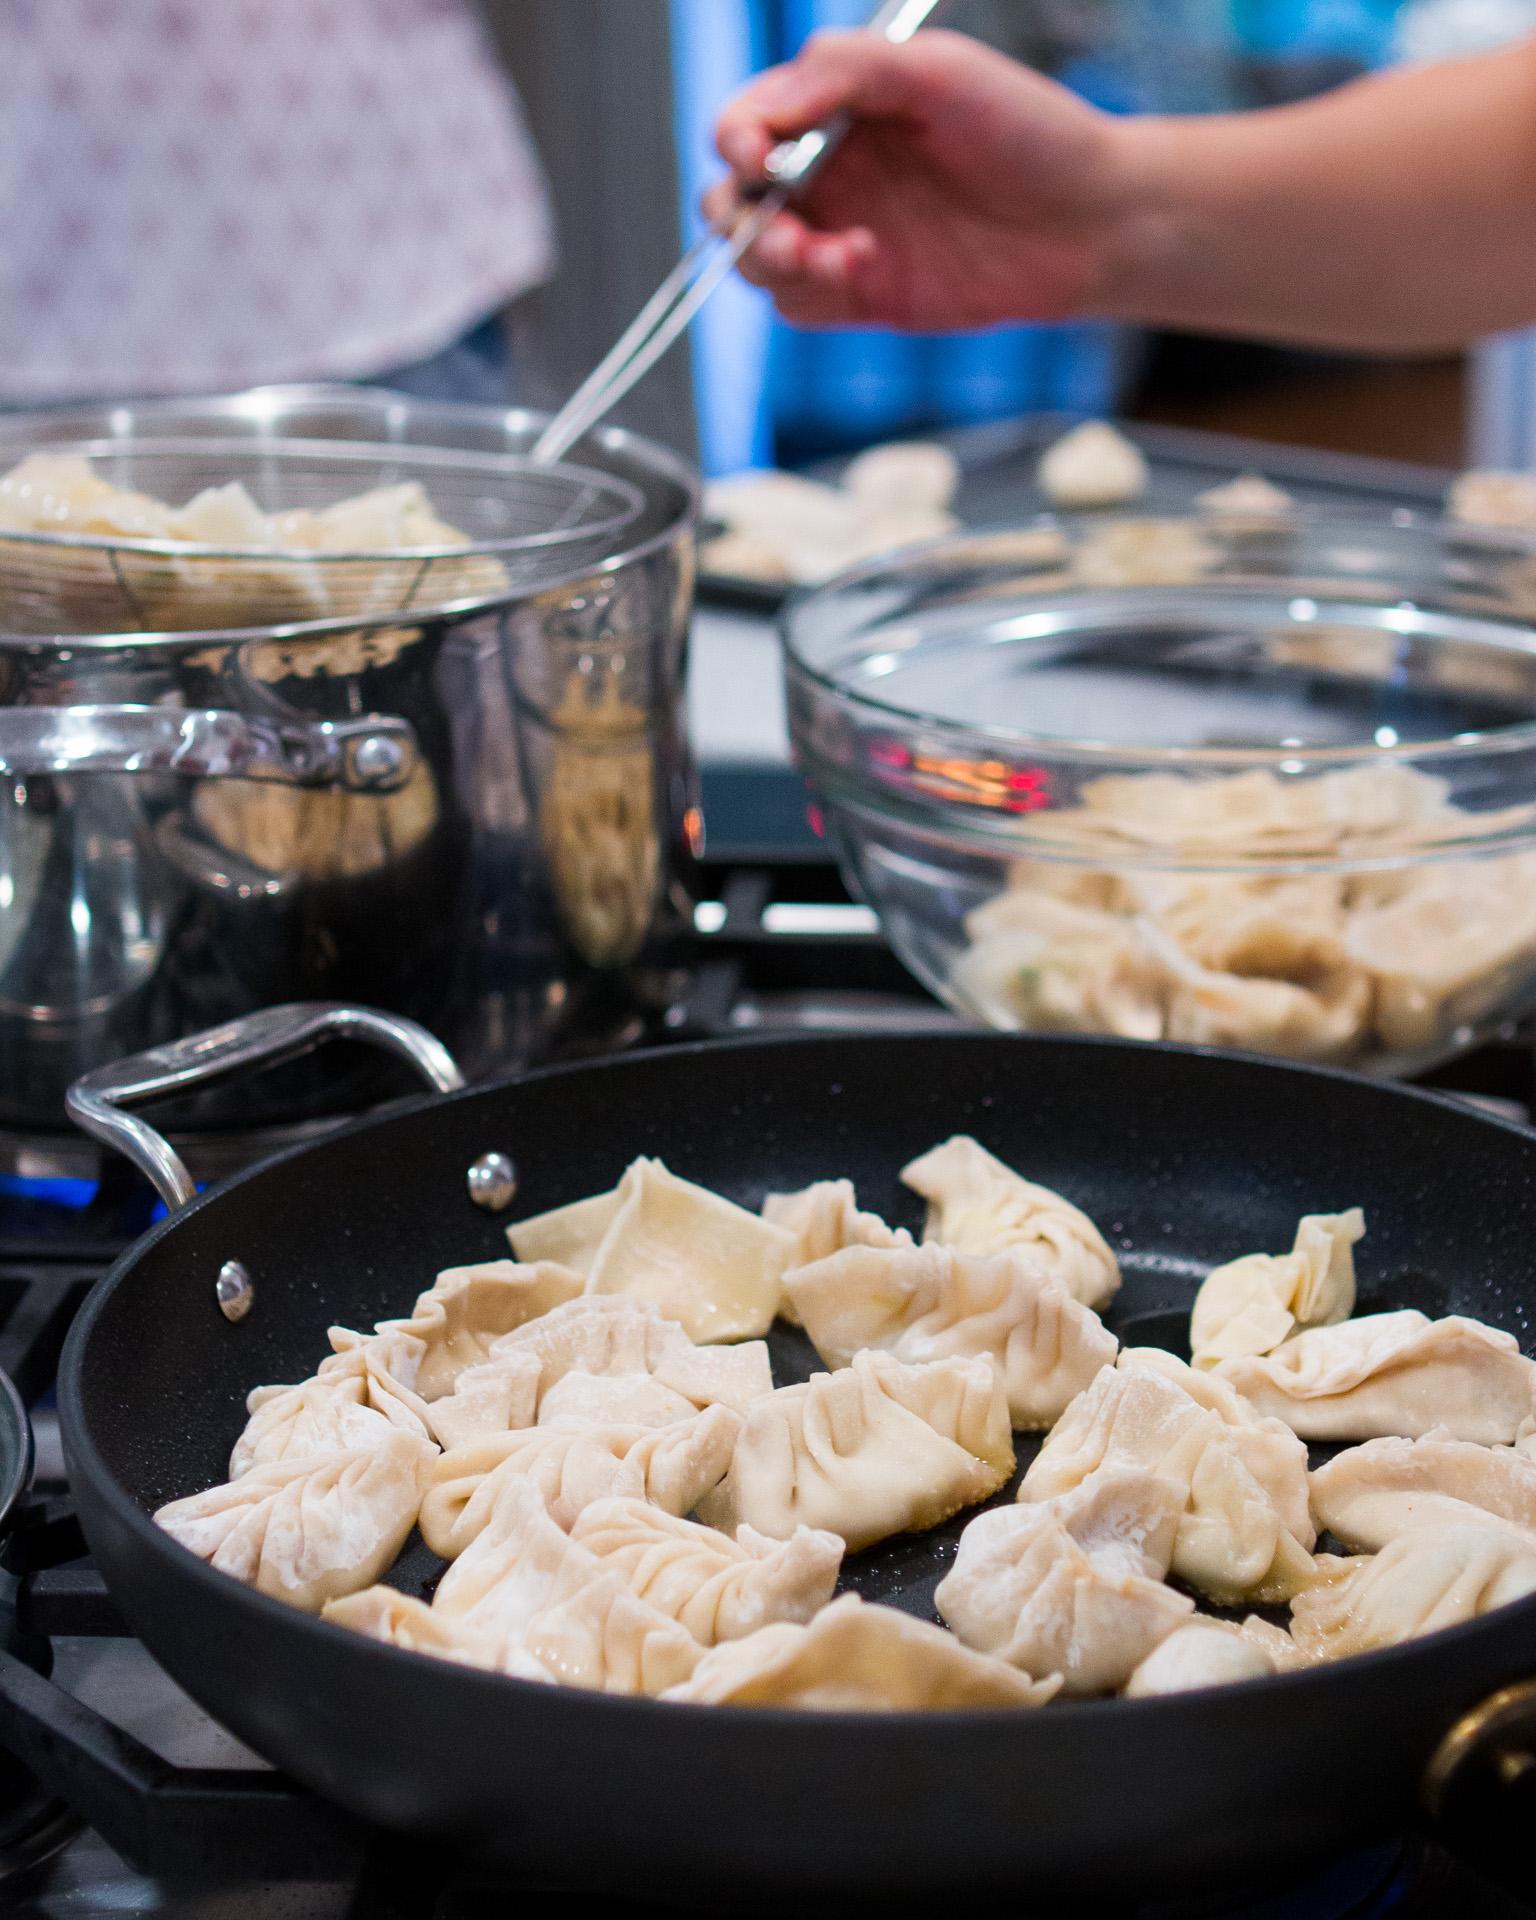 dumpling-class-aug-2018-4.jpg